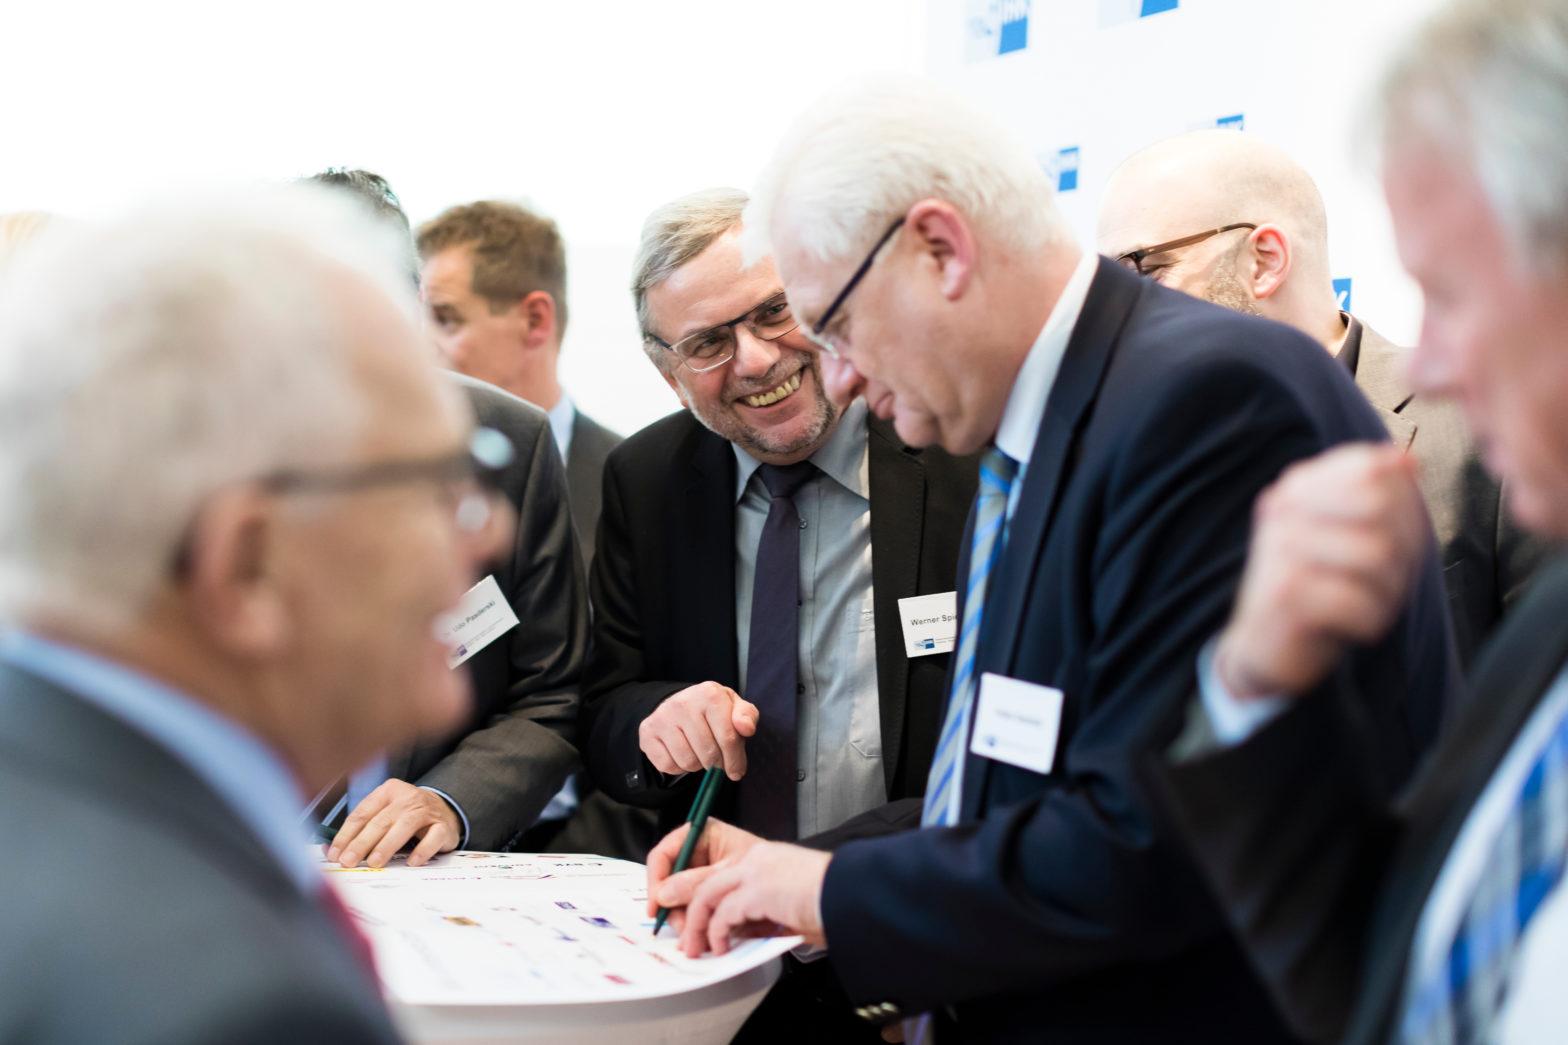 #GemeinsamMobil für Duisburg und Niederrhein - Gründungsveranstaltung am 14. Januar 2019